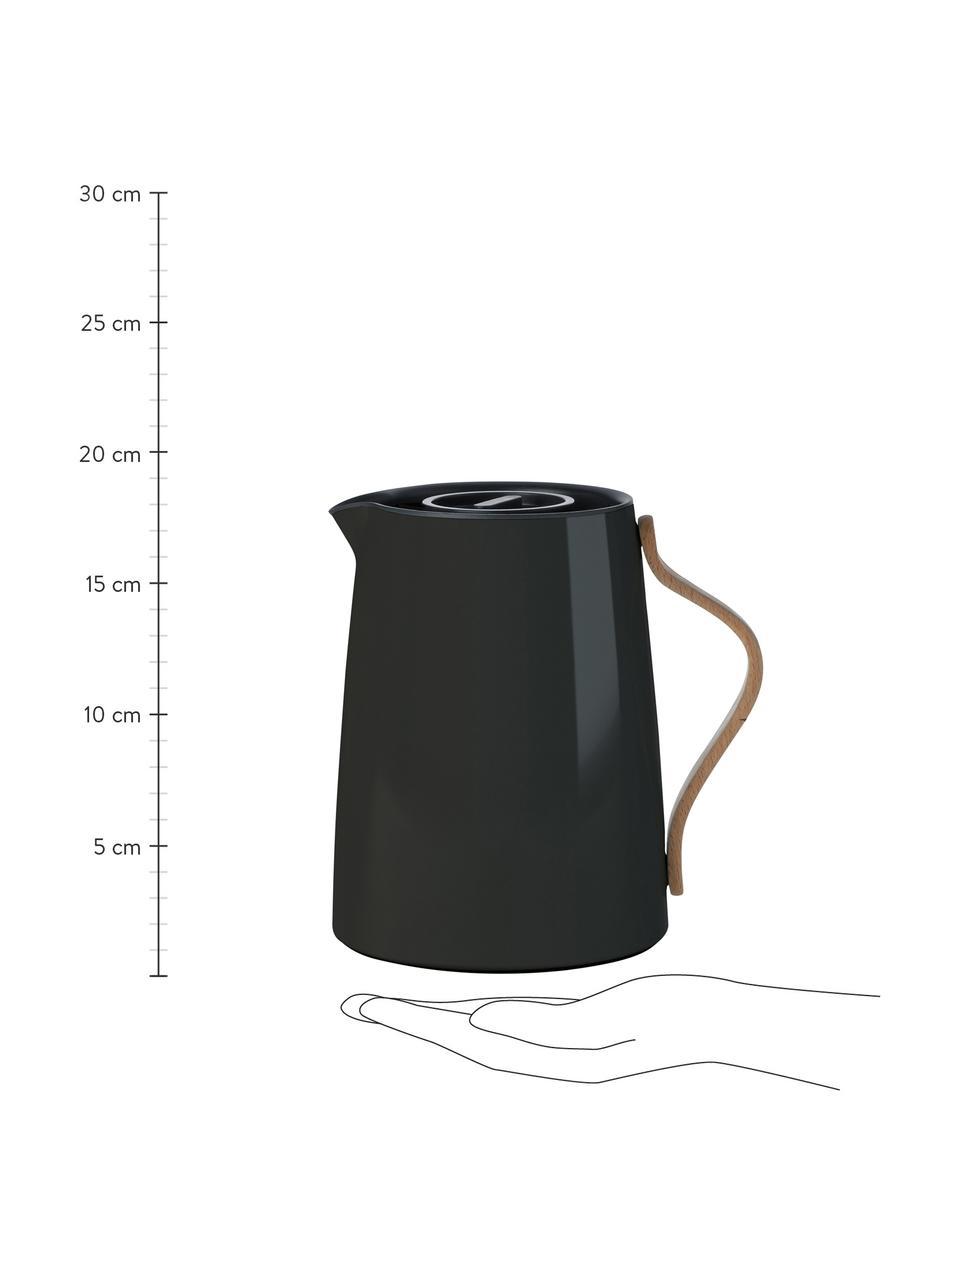 Teezubereiter Emma in Schwarz glänzend, 1 L, Korpus: Stahl, Beschichtung: Emaille, Griff: Buchenholz, Schwarz, 1 L